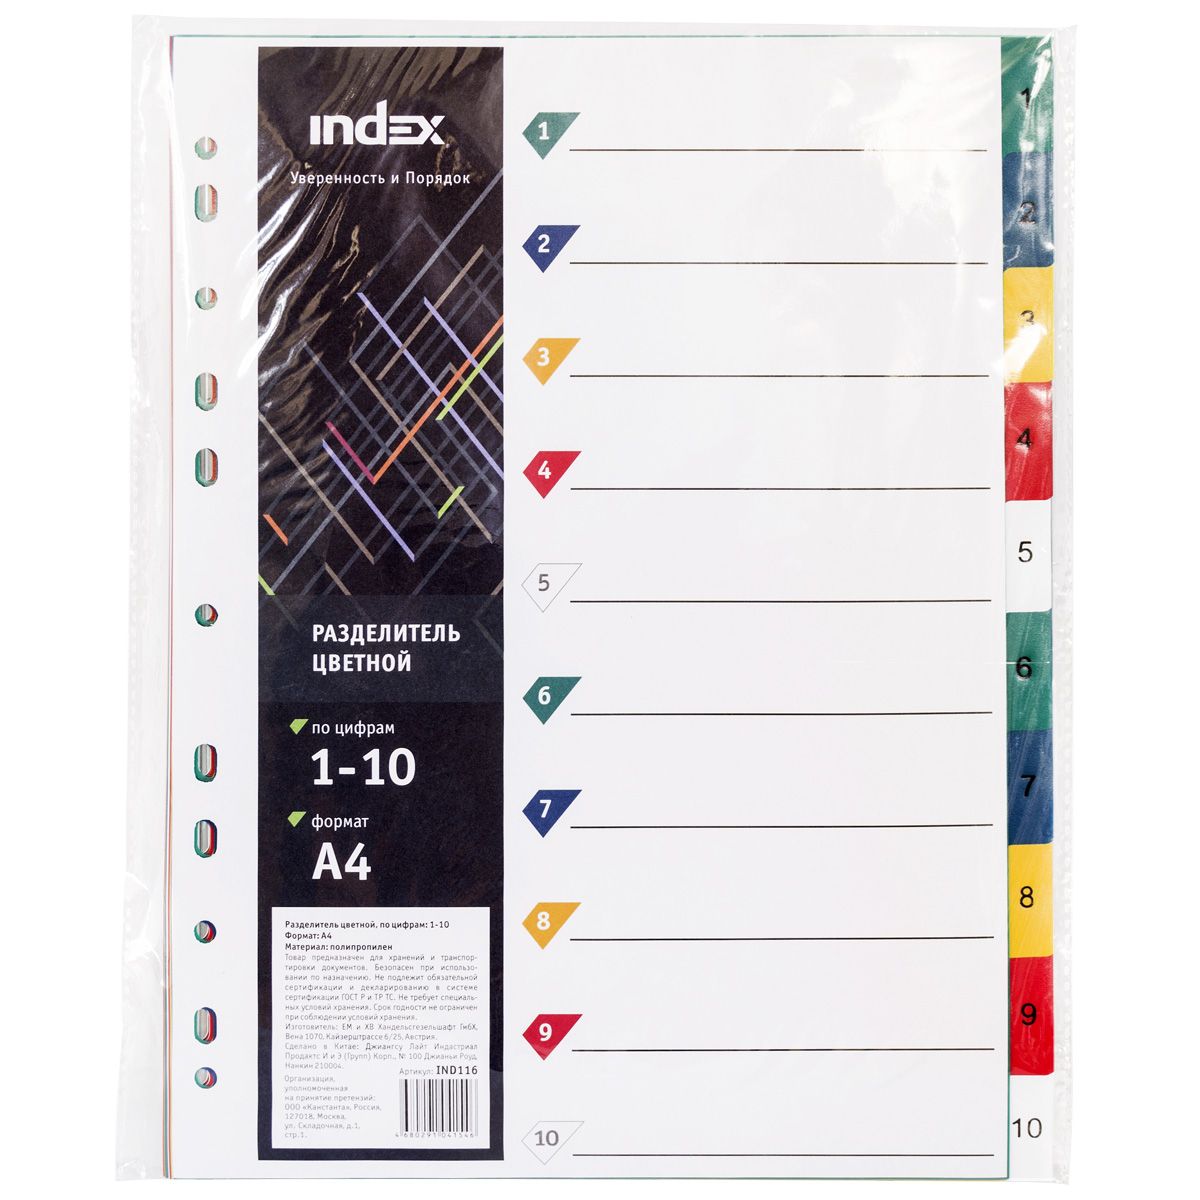 Index Разделитель цифровой 1-10 А4